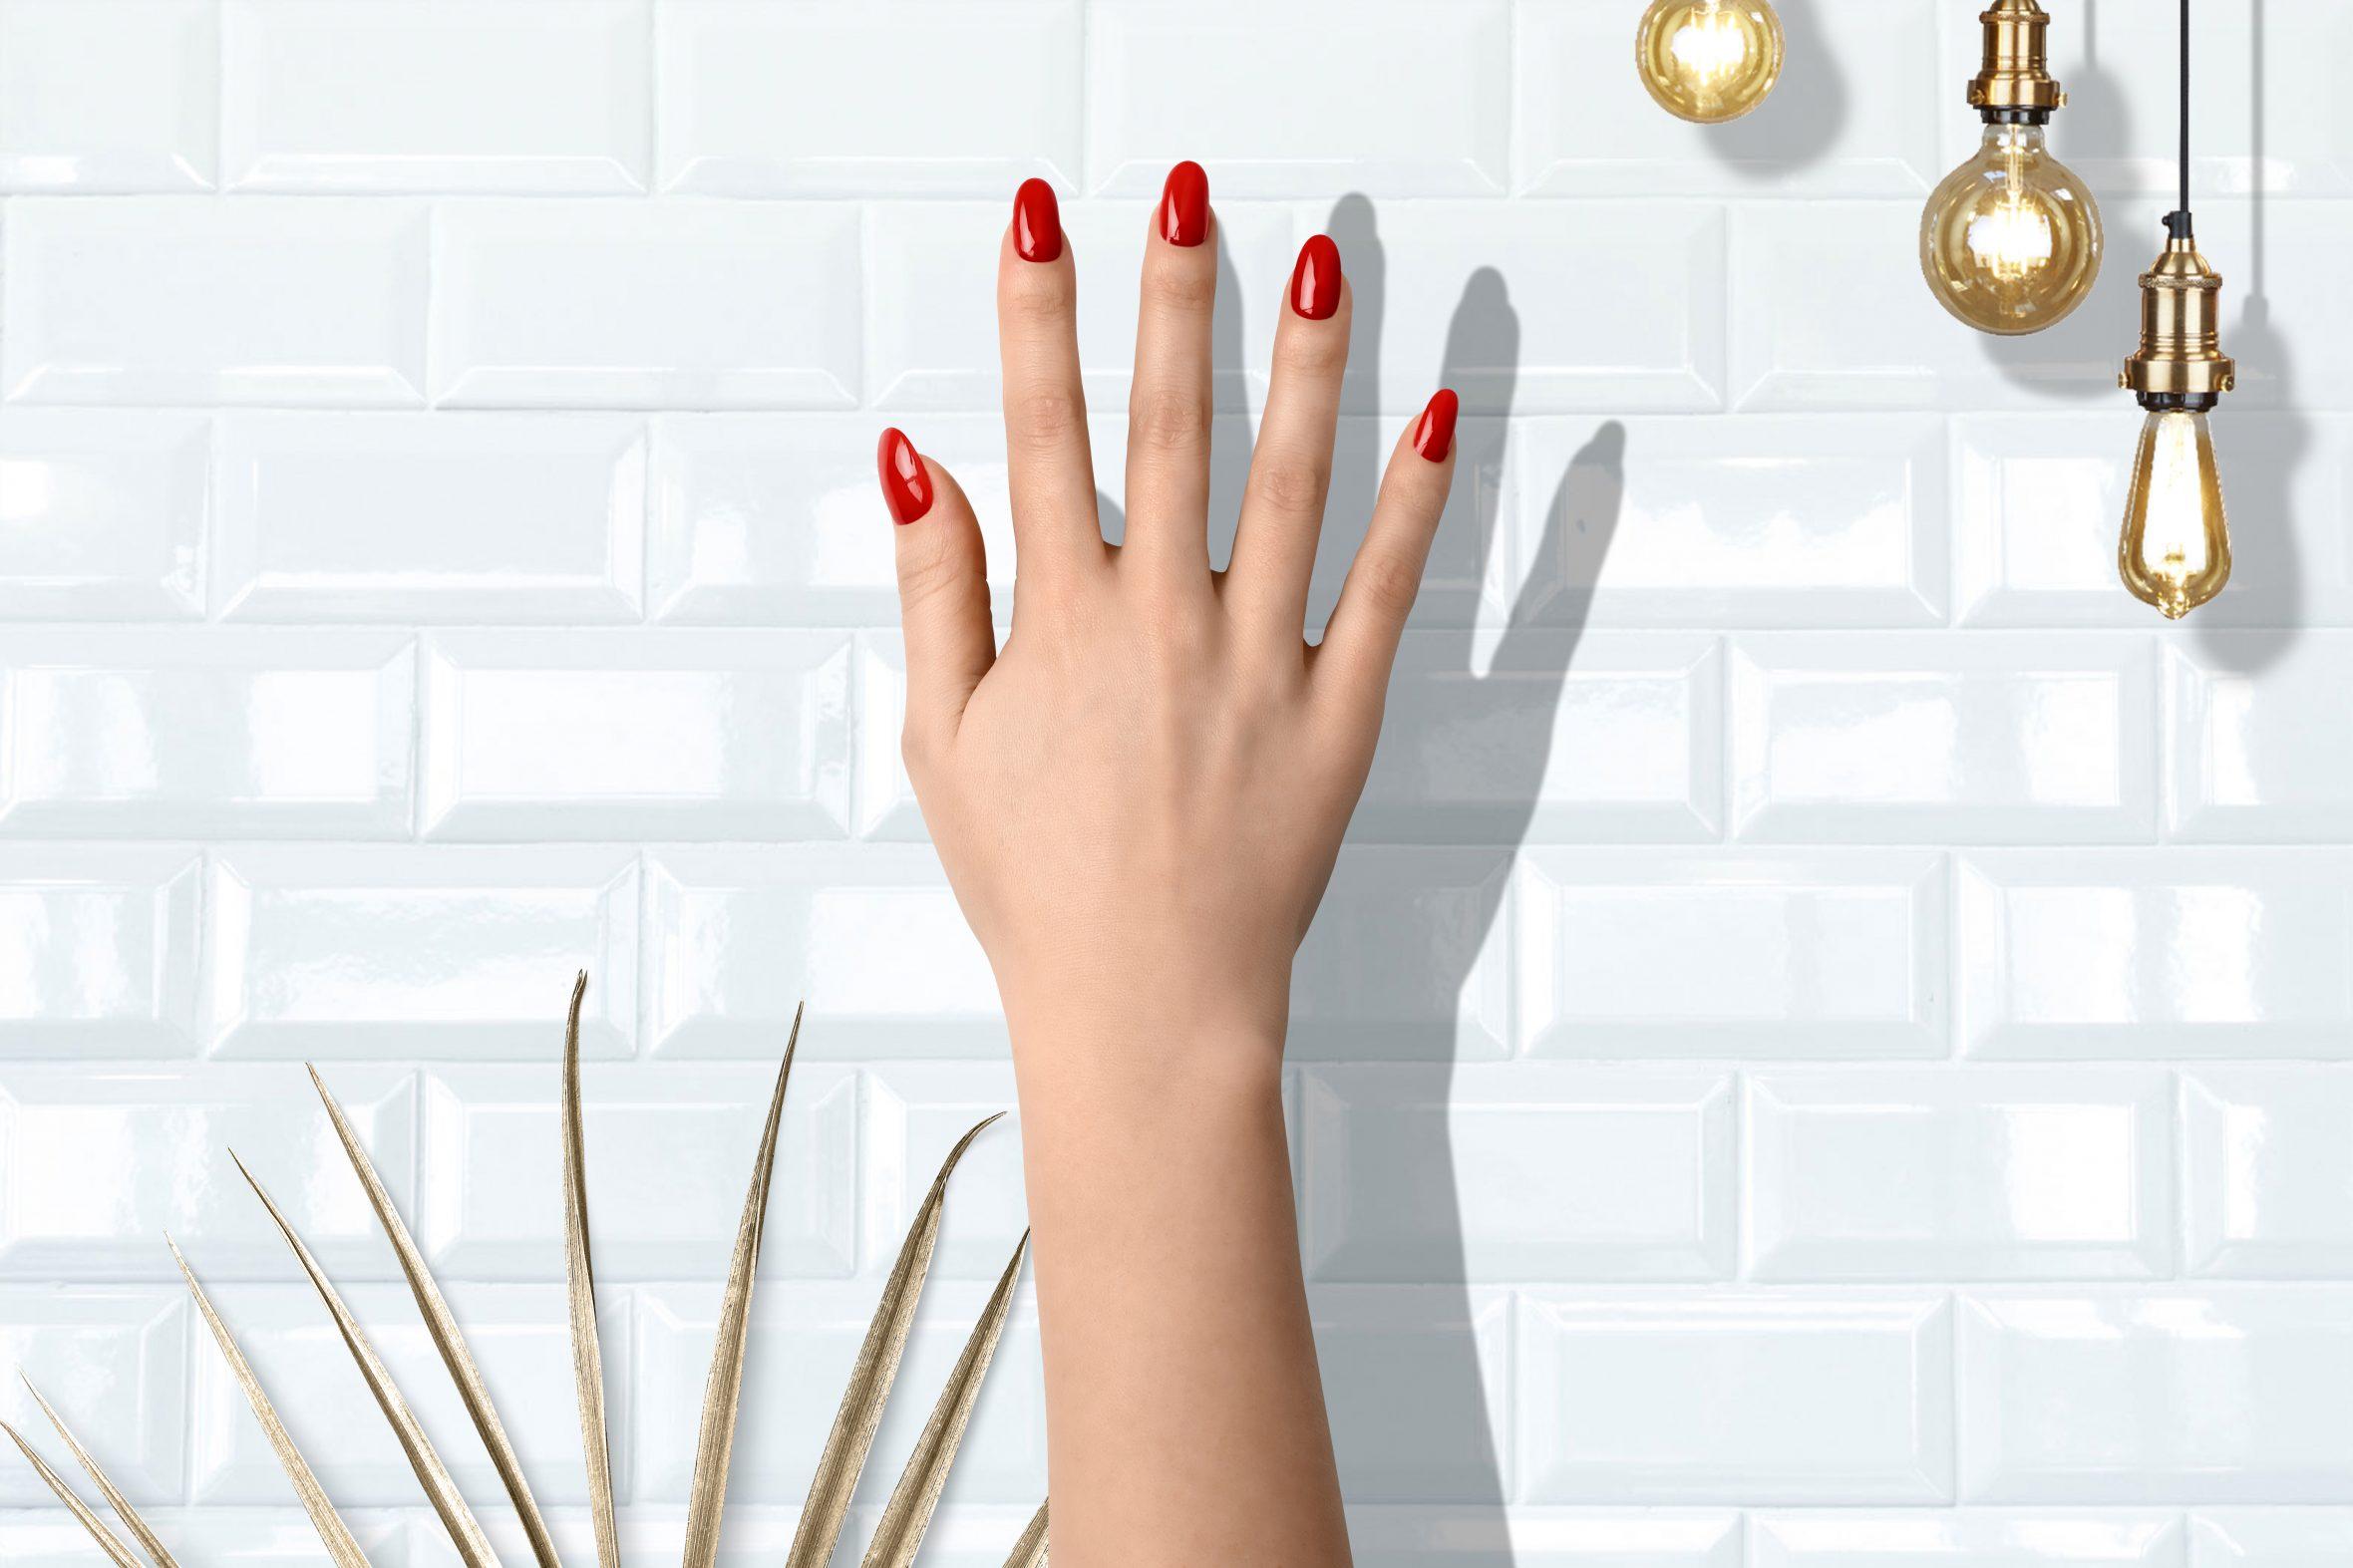 Licht rode nagellak voor een mooie manicure